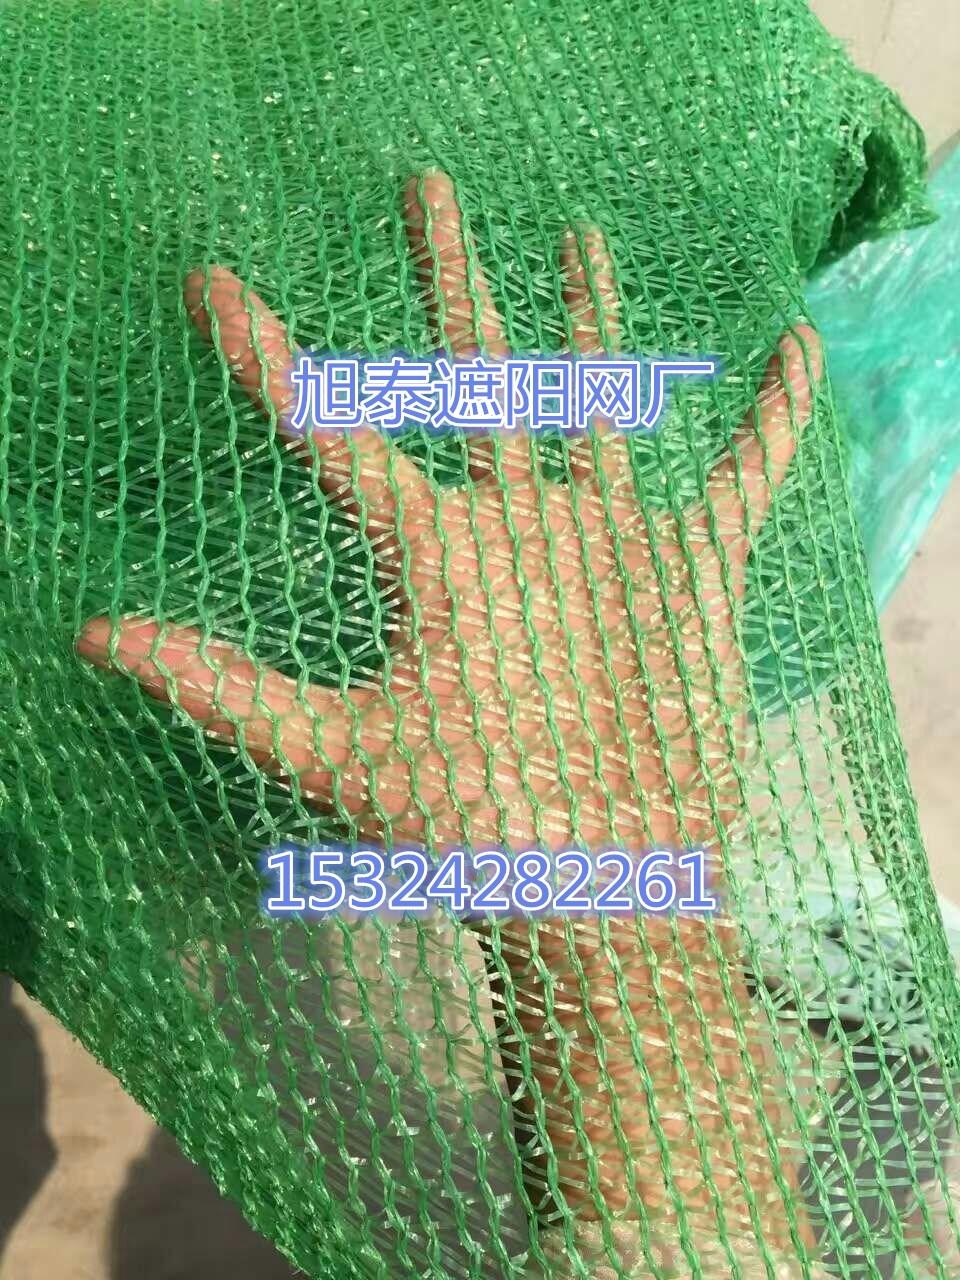 遮阳网图片/遮阳网样板图 (4)